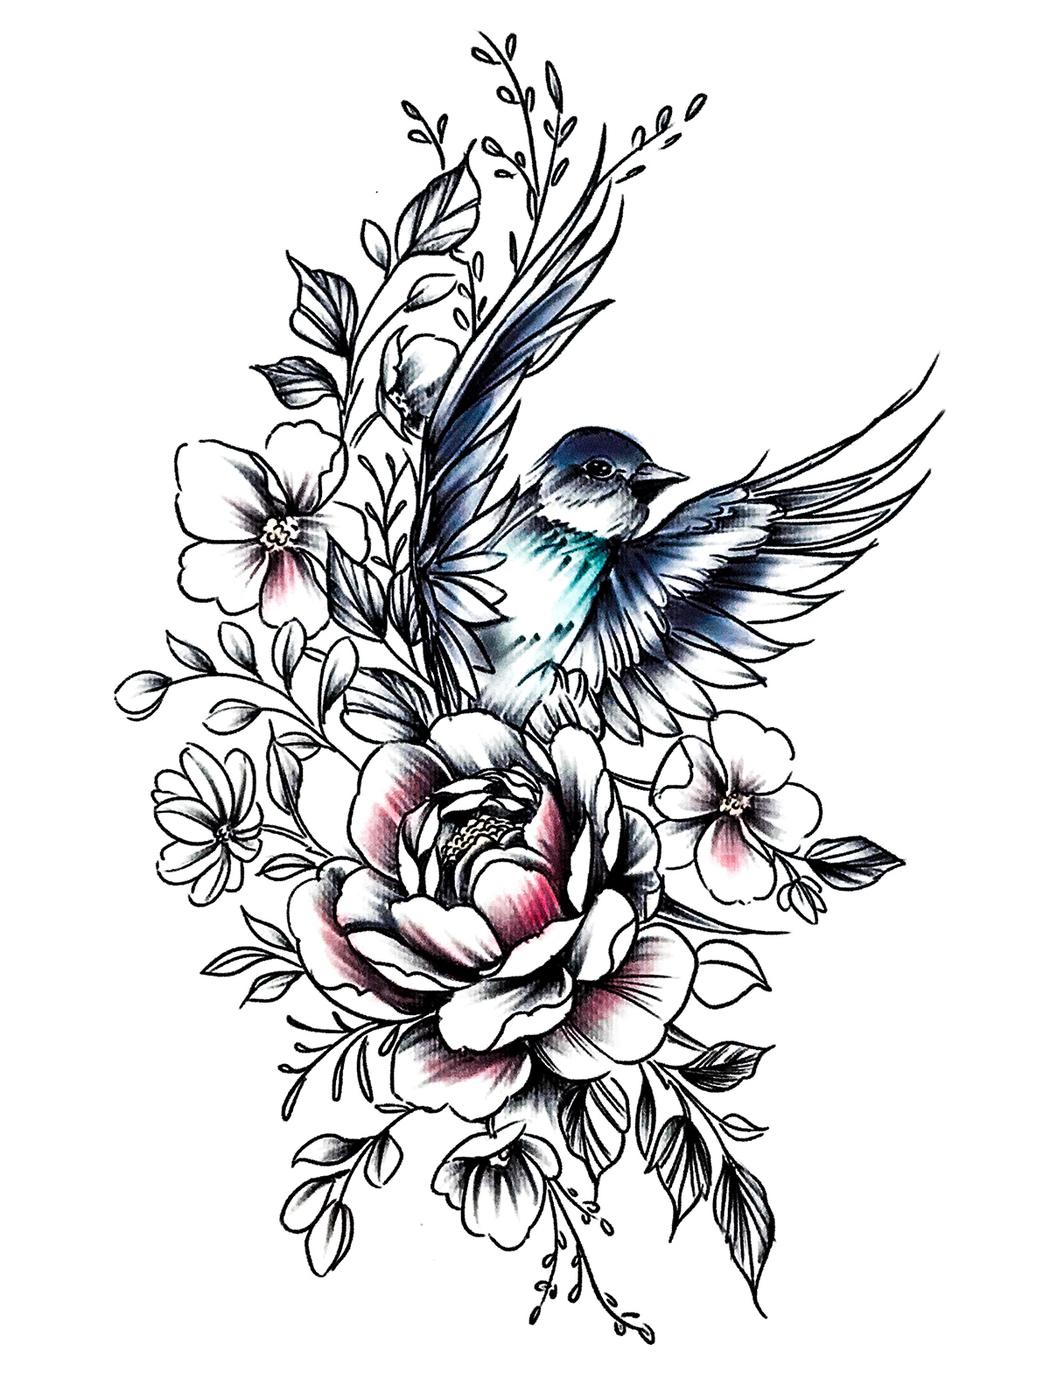 птицы на цветах эскиз тату образом, двигаясь под